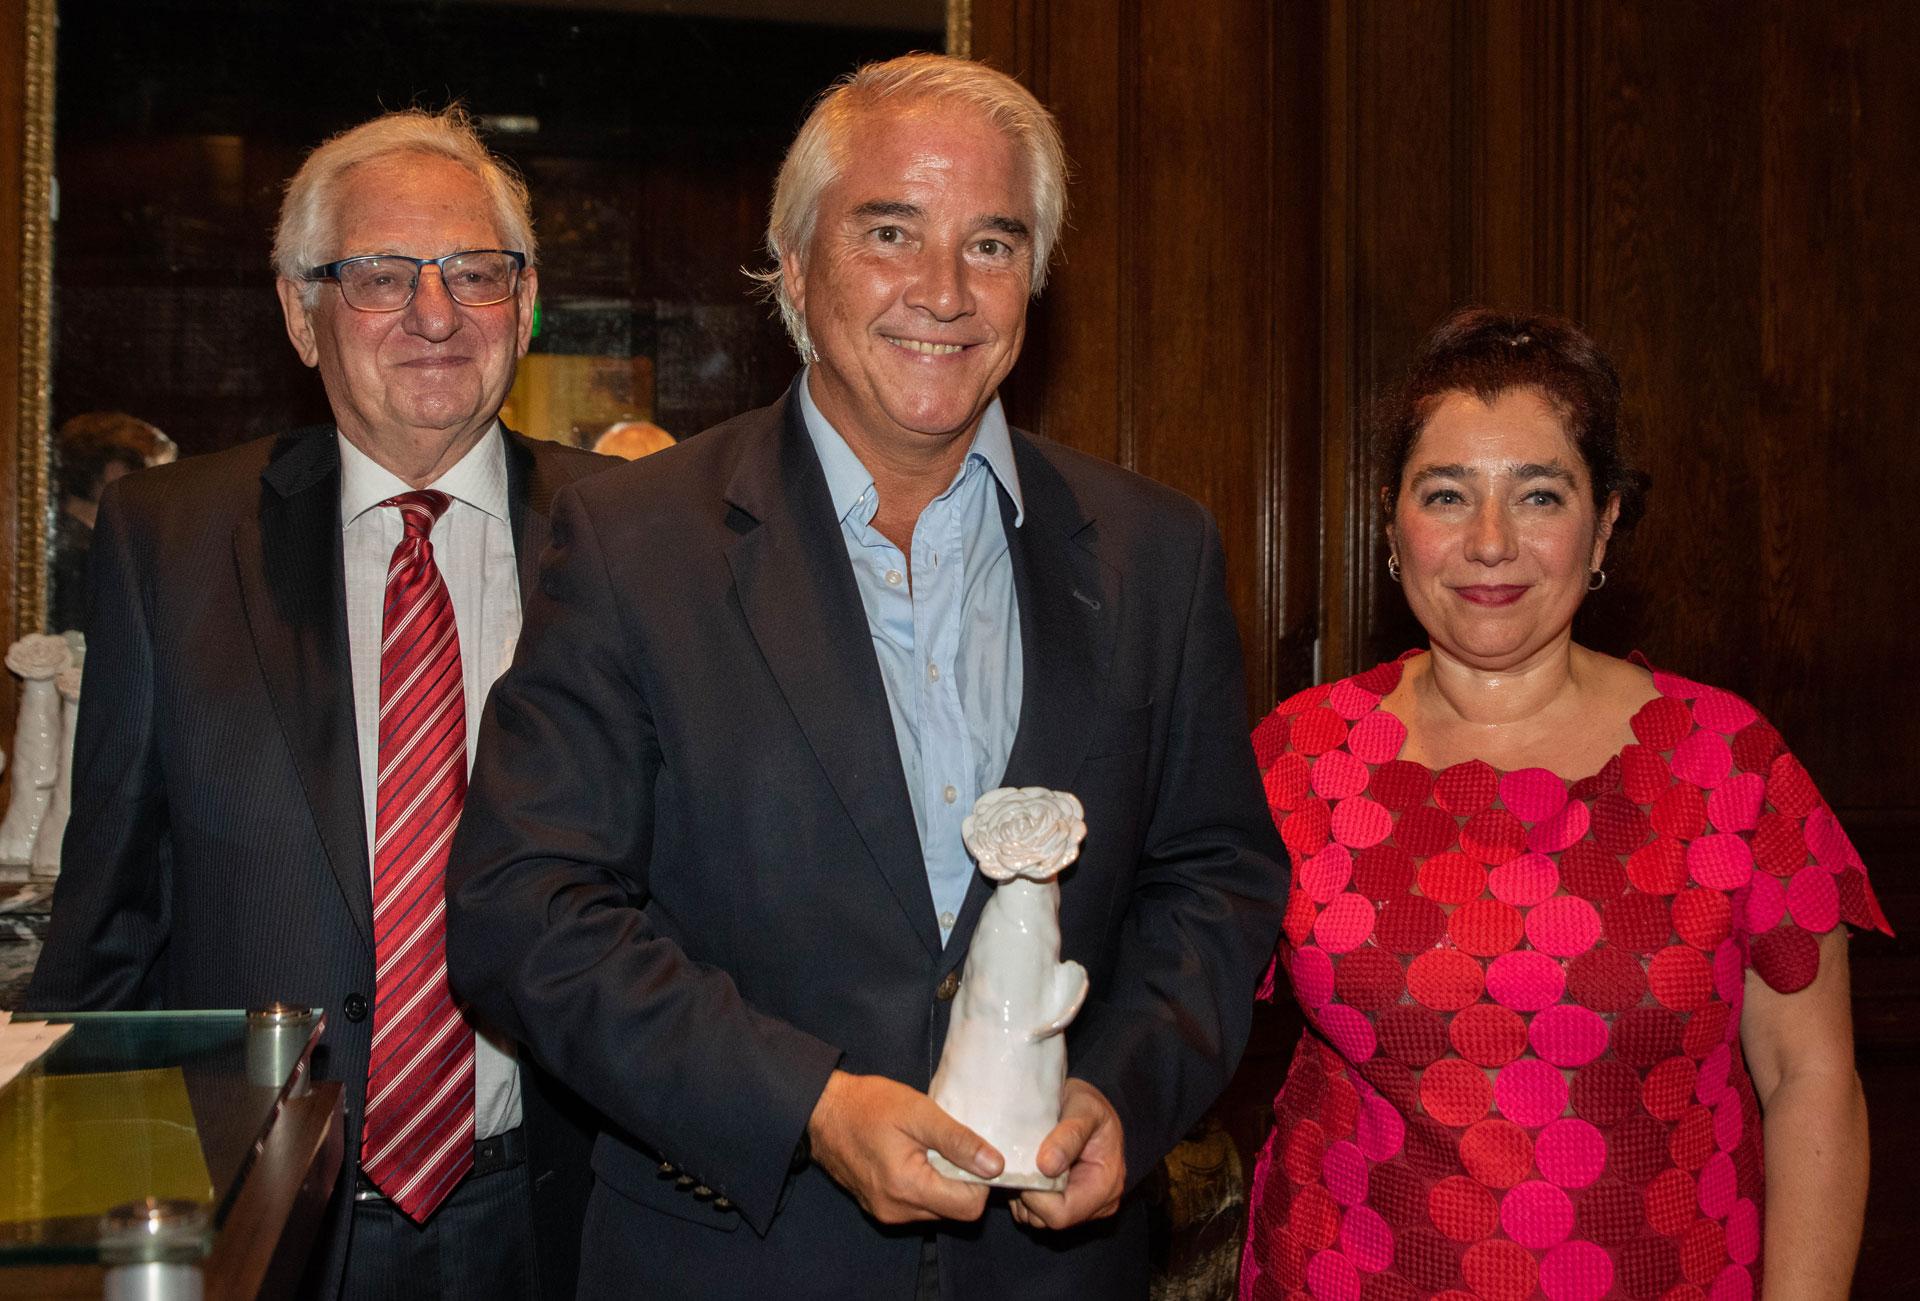 El director de Relaciones Institucionales de Infobae, Pablo Deluca, recibió la distinción en representación de la empresa. Verbo le entregó el premio ya que considera que